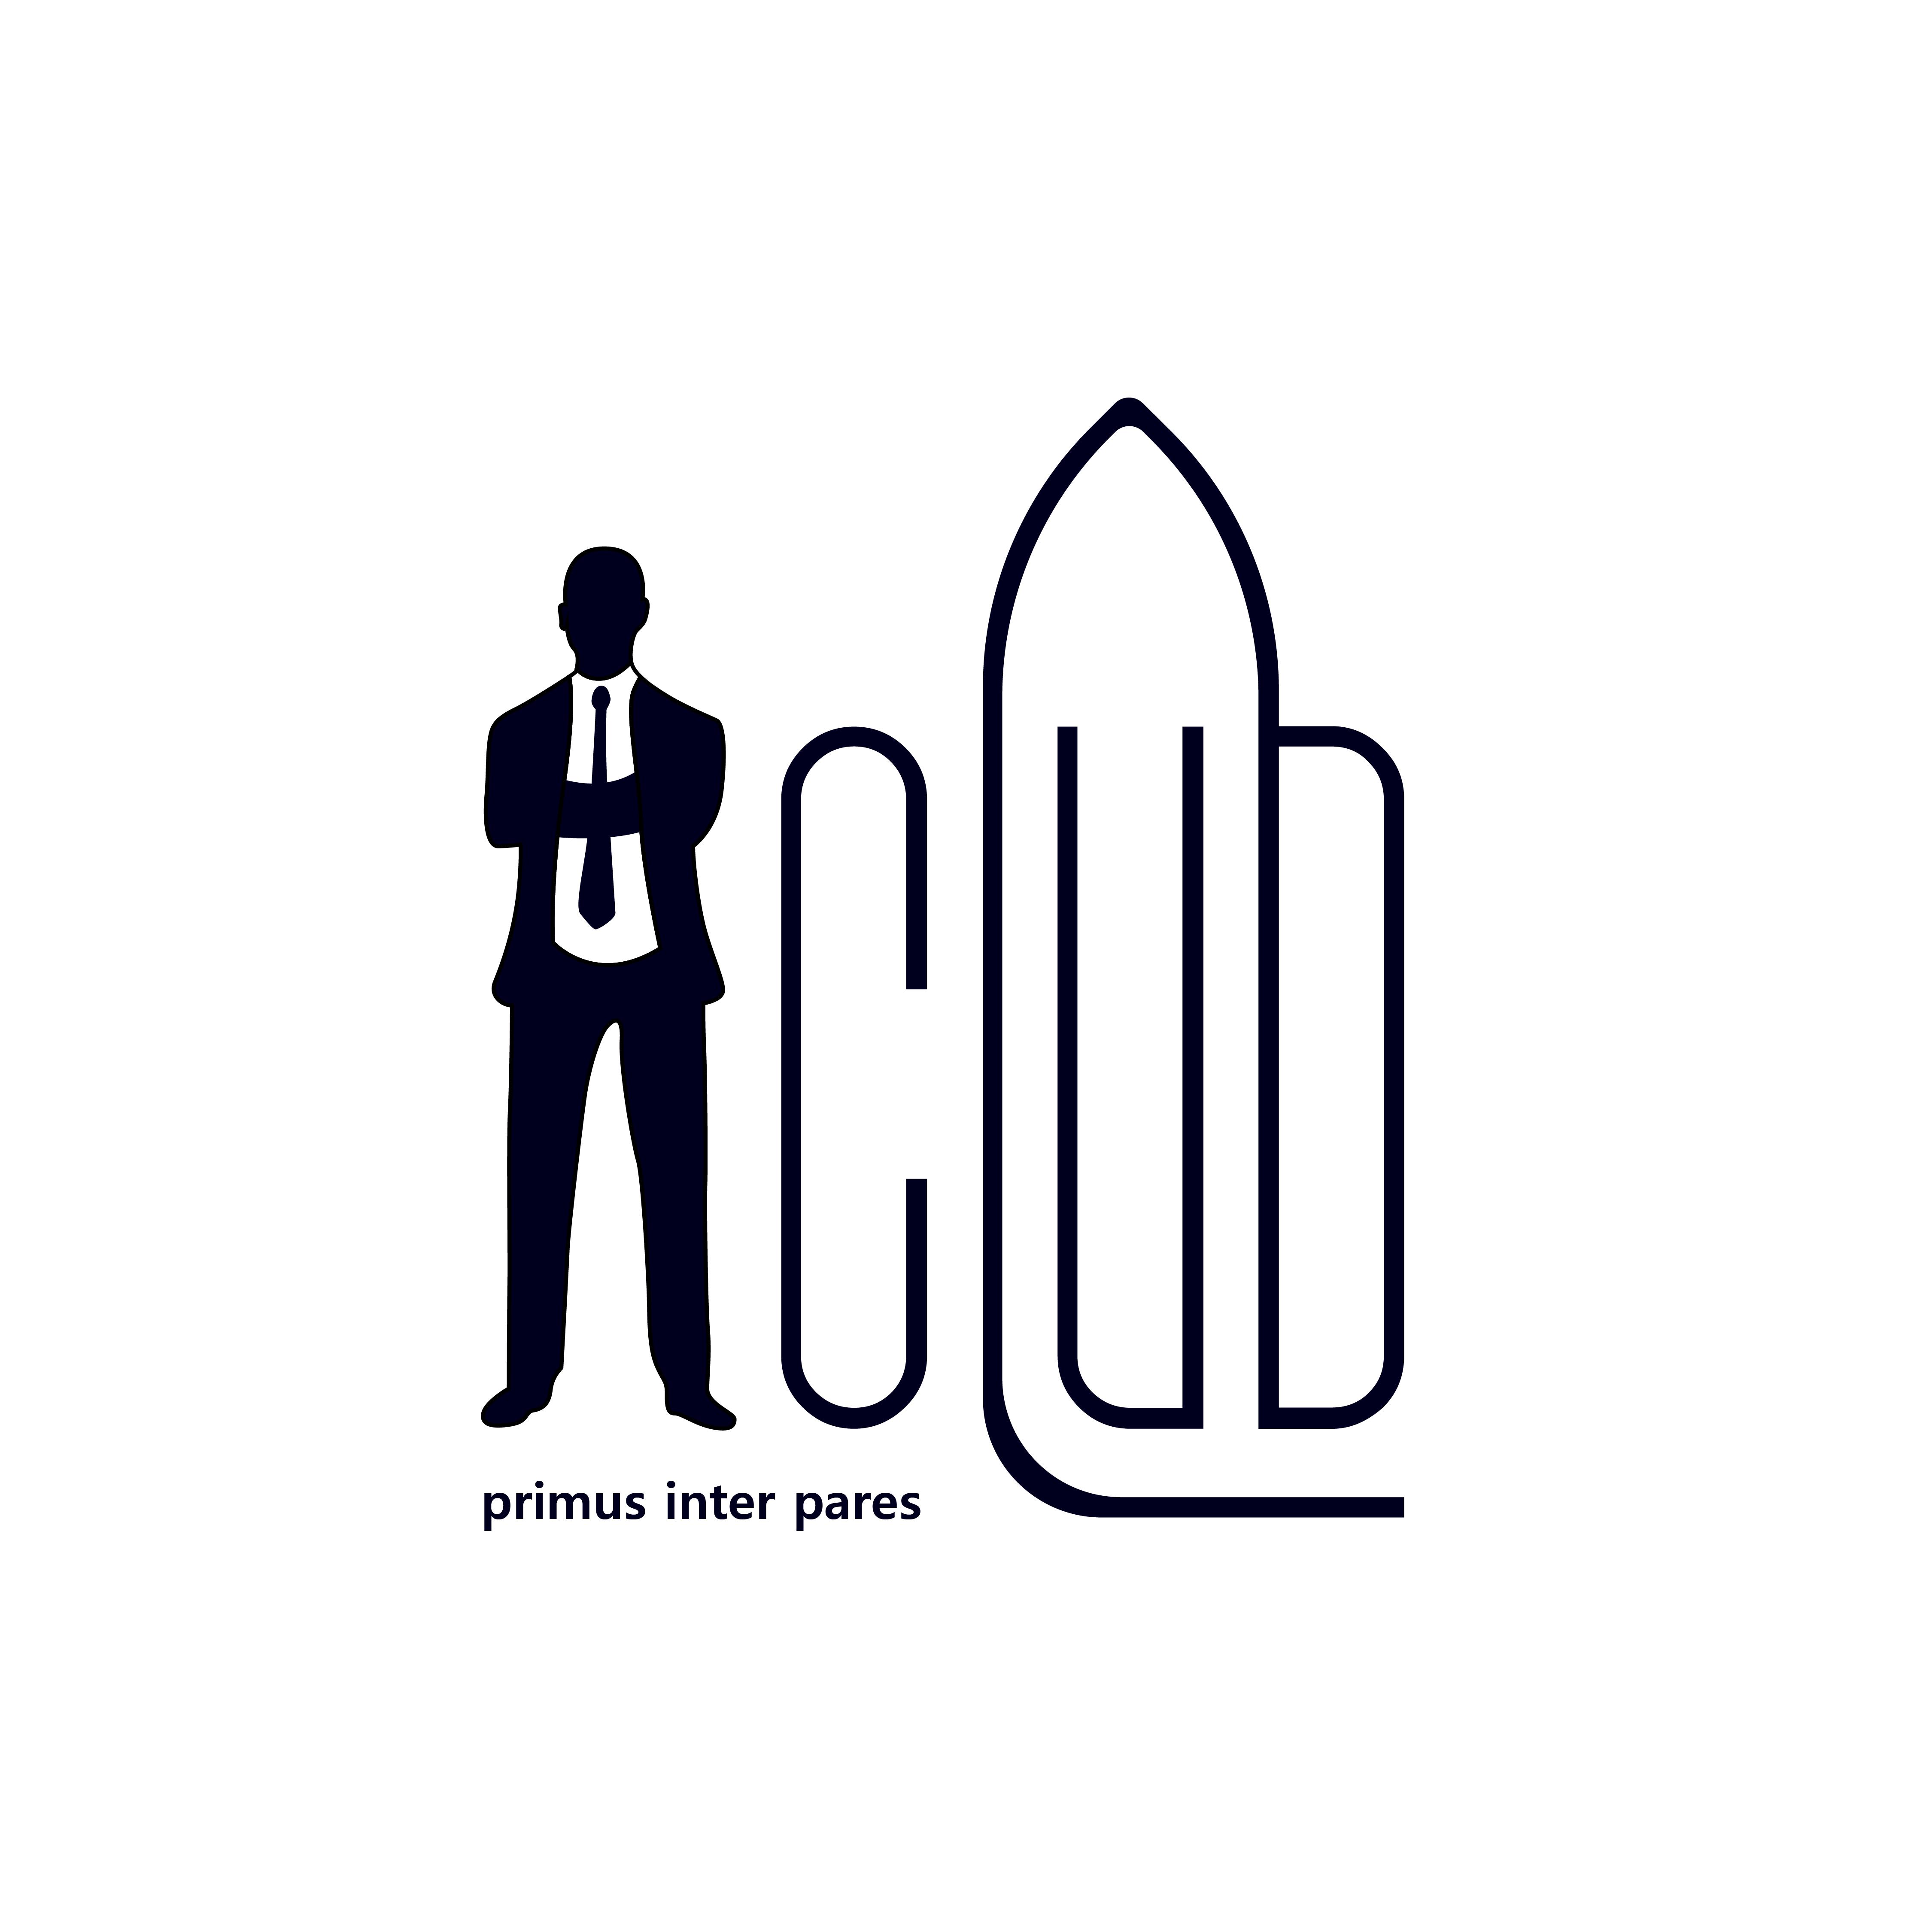 Логотип делового клуба фото f_7575f88415012585.jpg